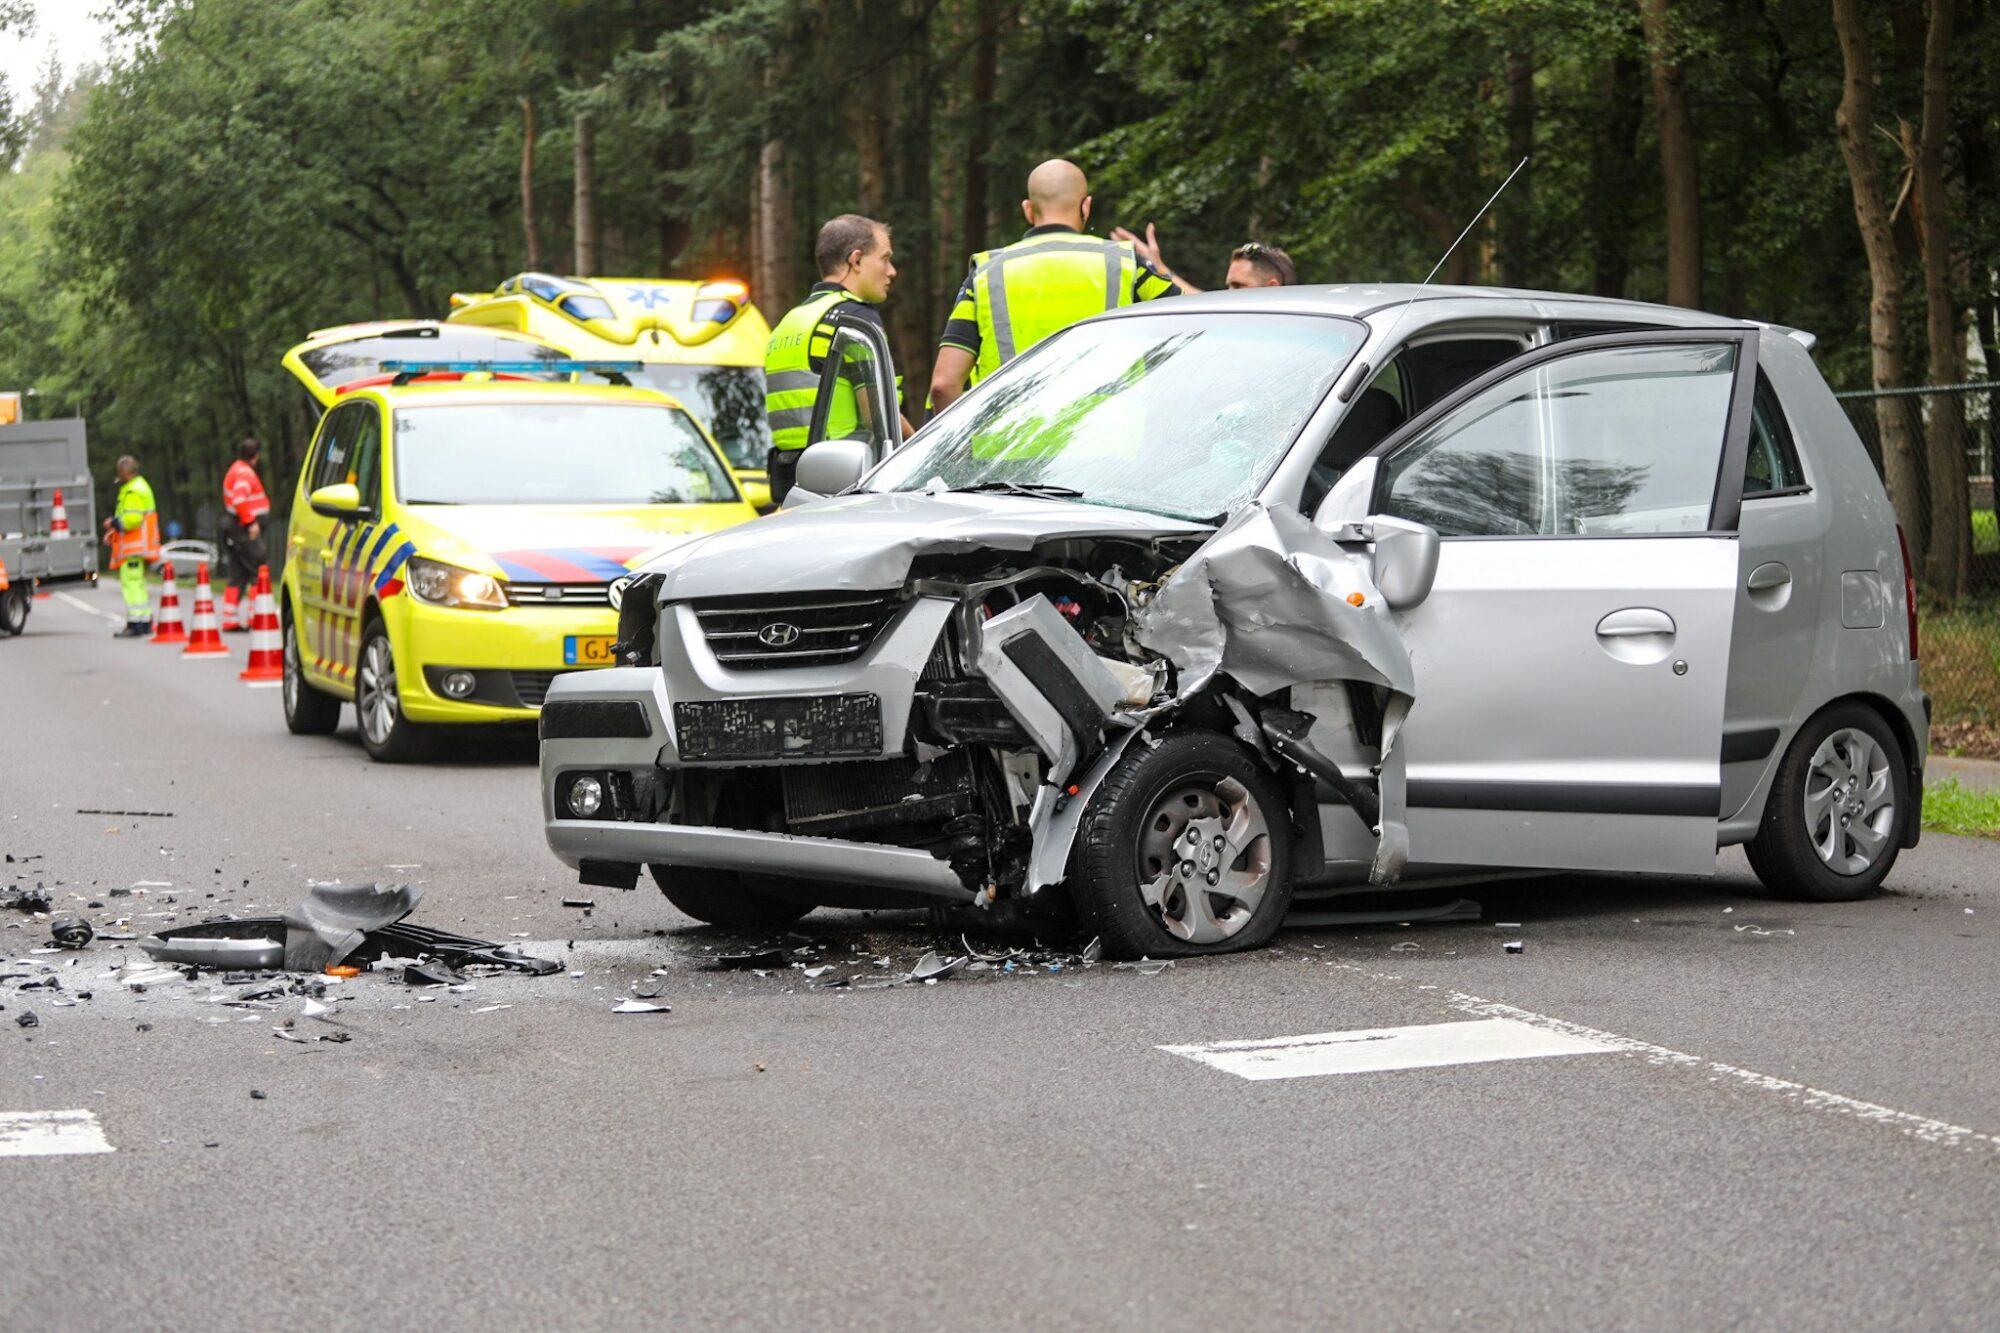 Meerdere gewonden bij frontale botsing in Loenen.